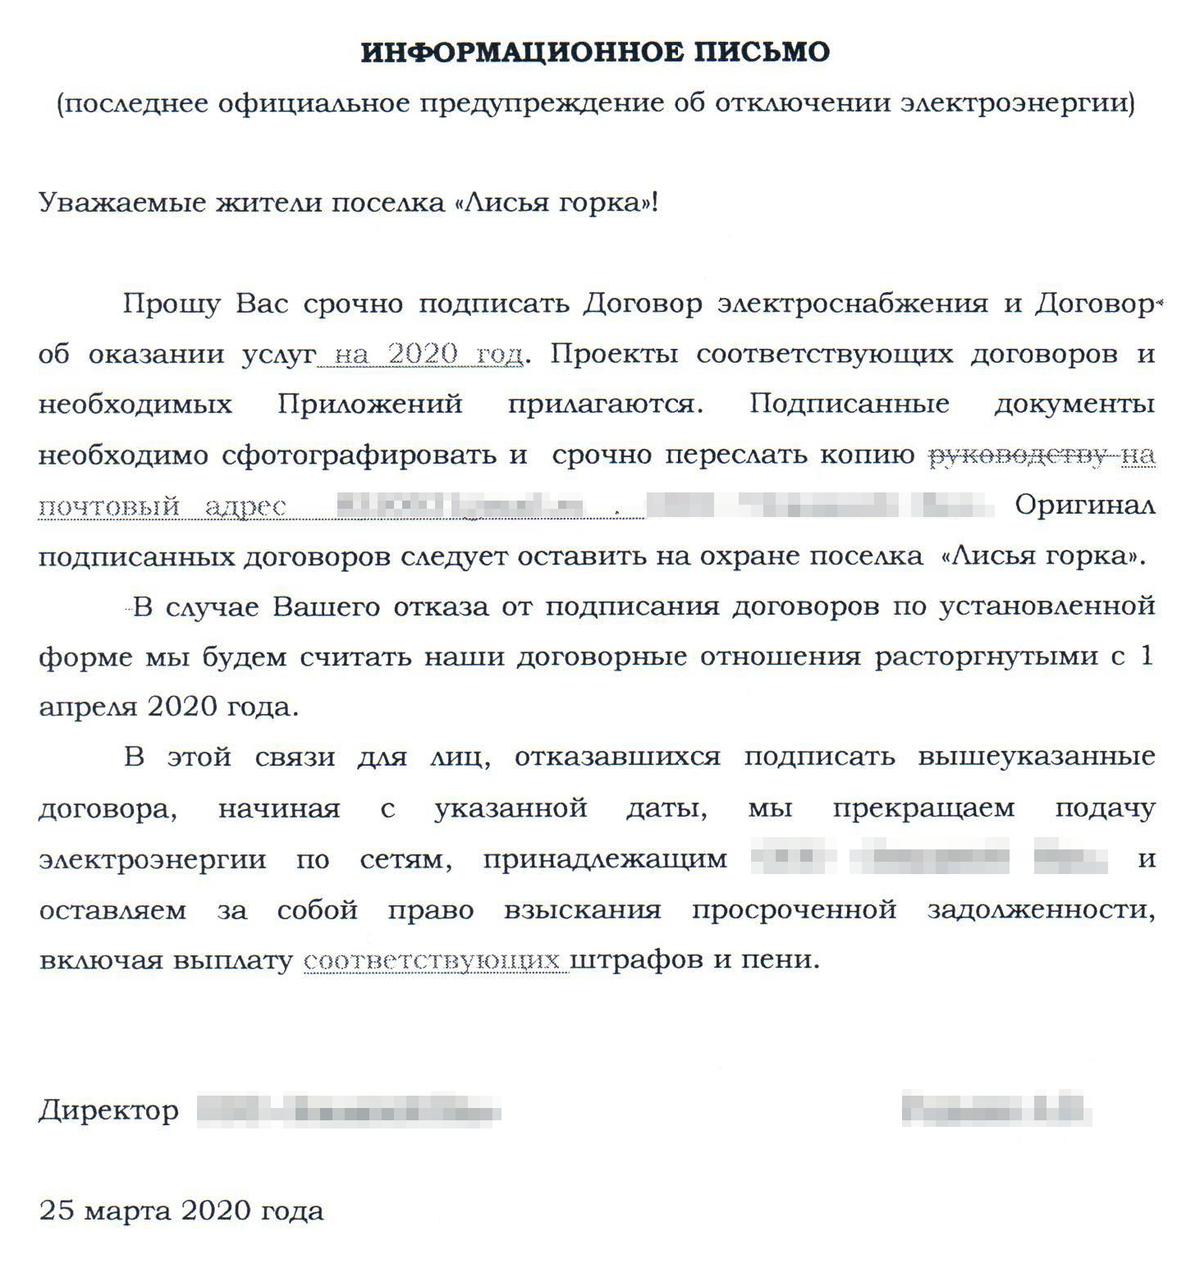 Устрашающее письмо УК — последнее предупреждение об отключении электричества, если собственники не подпишут договоры